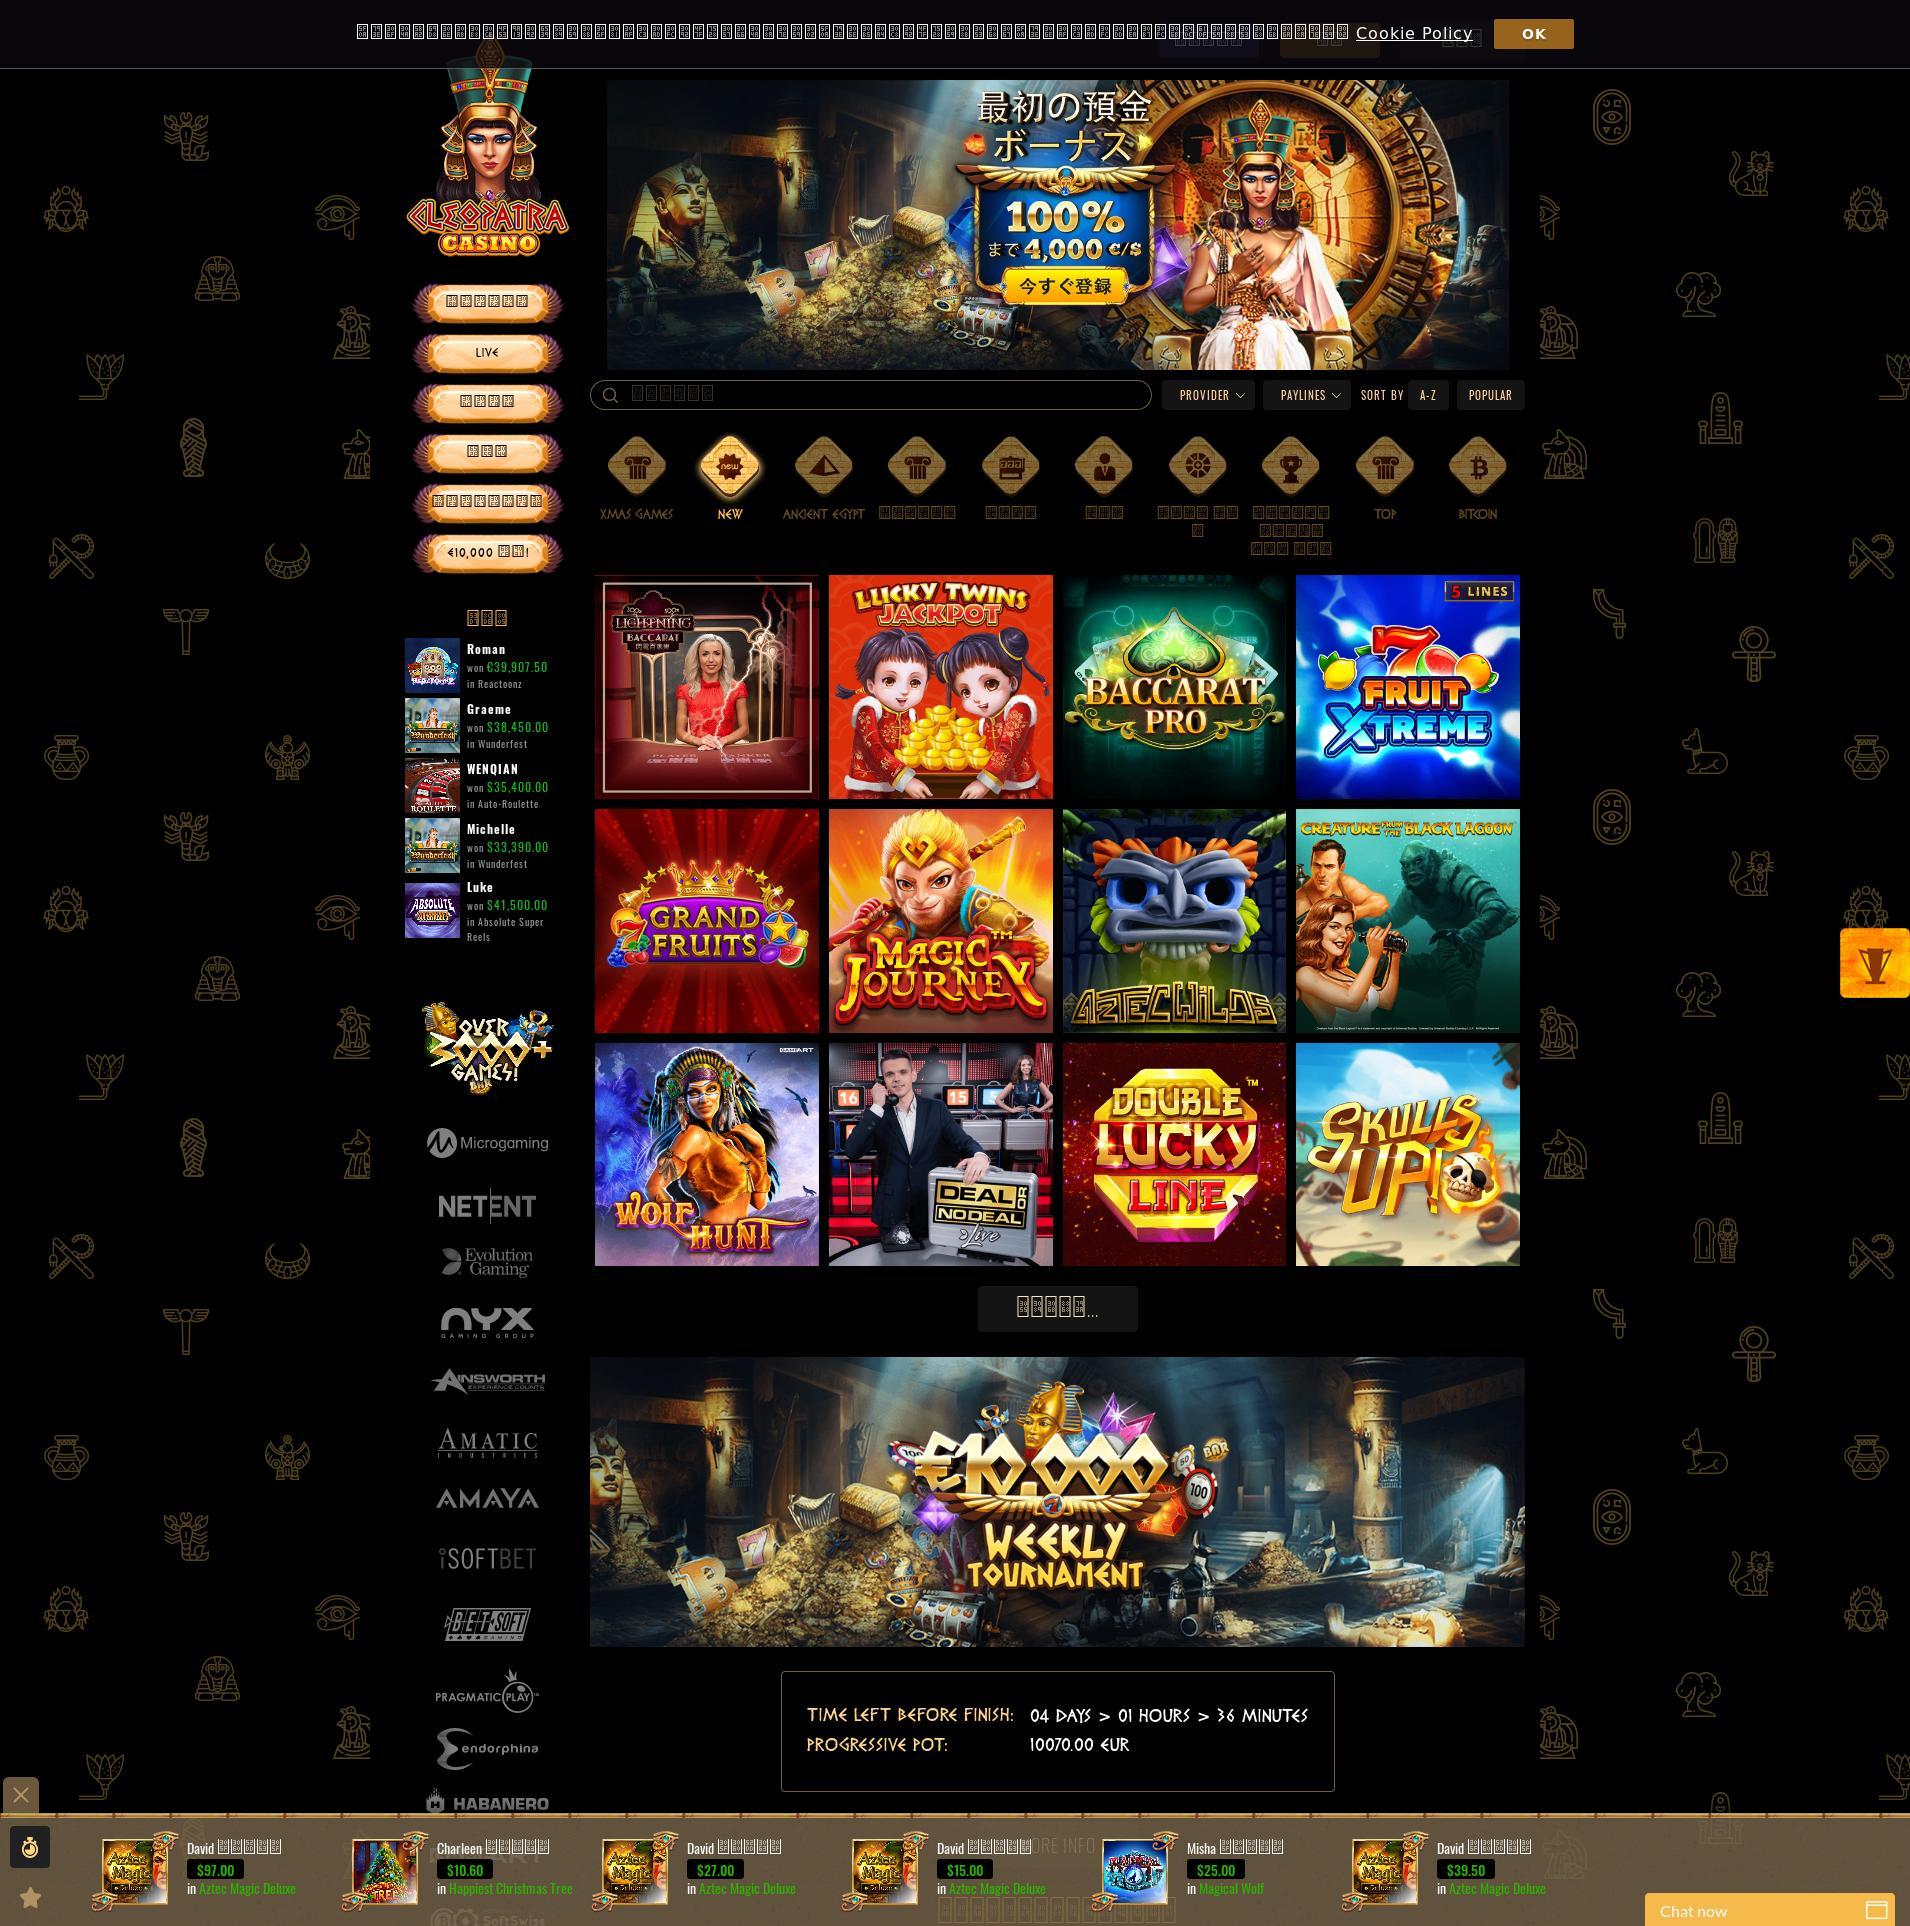 カジノのスクリーン Lobby 2020-01-17 ために 日本